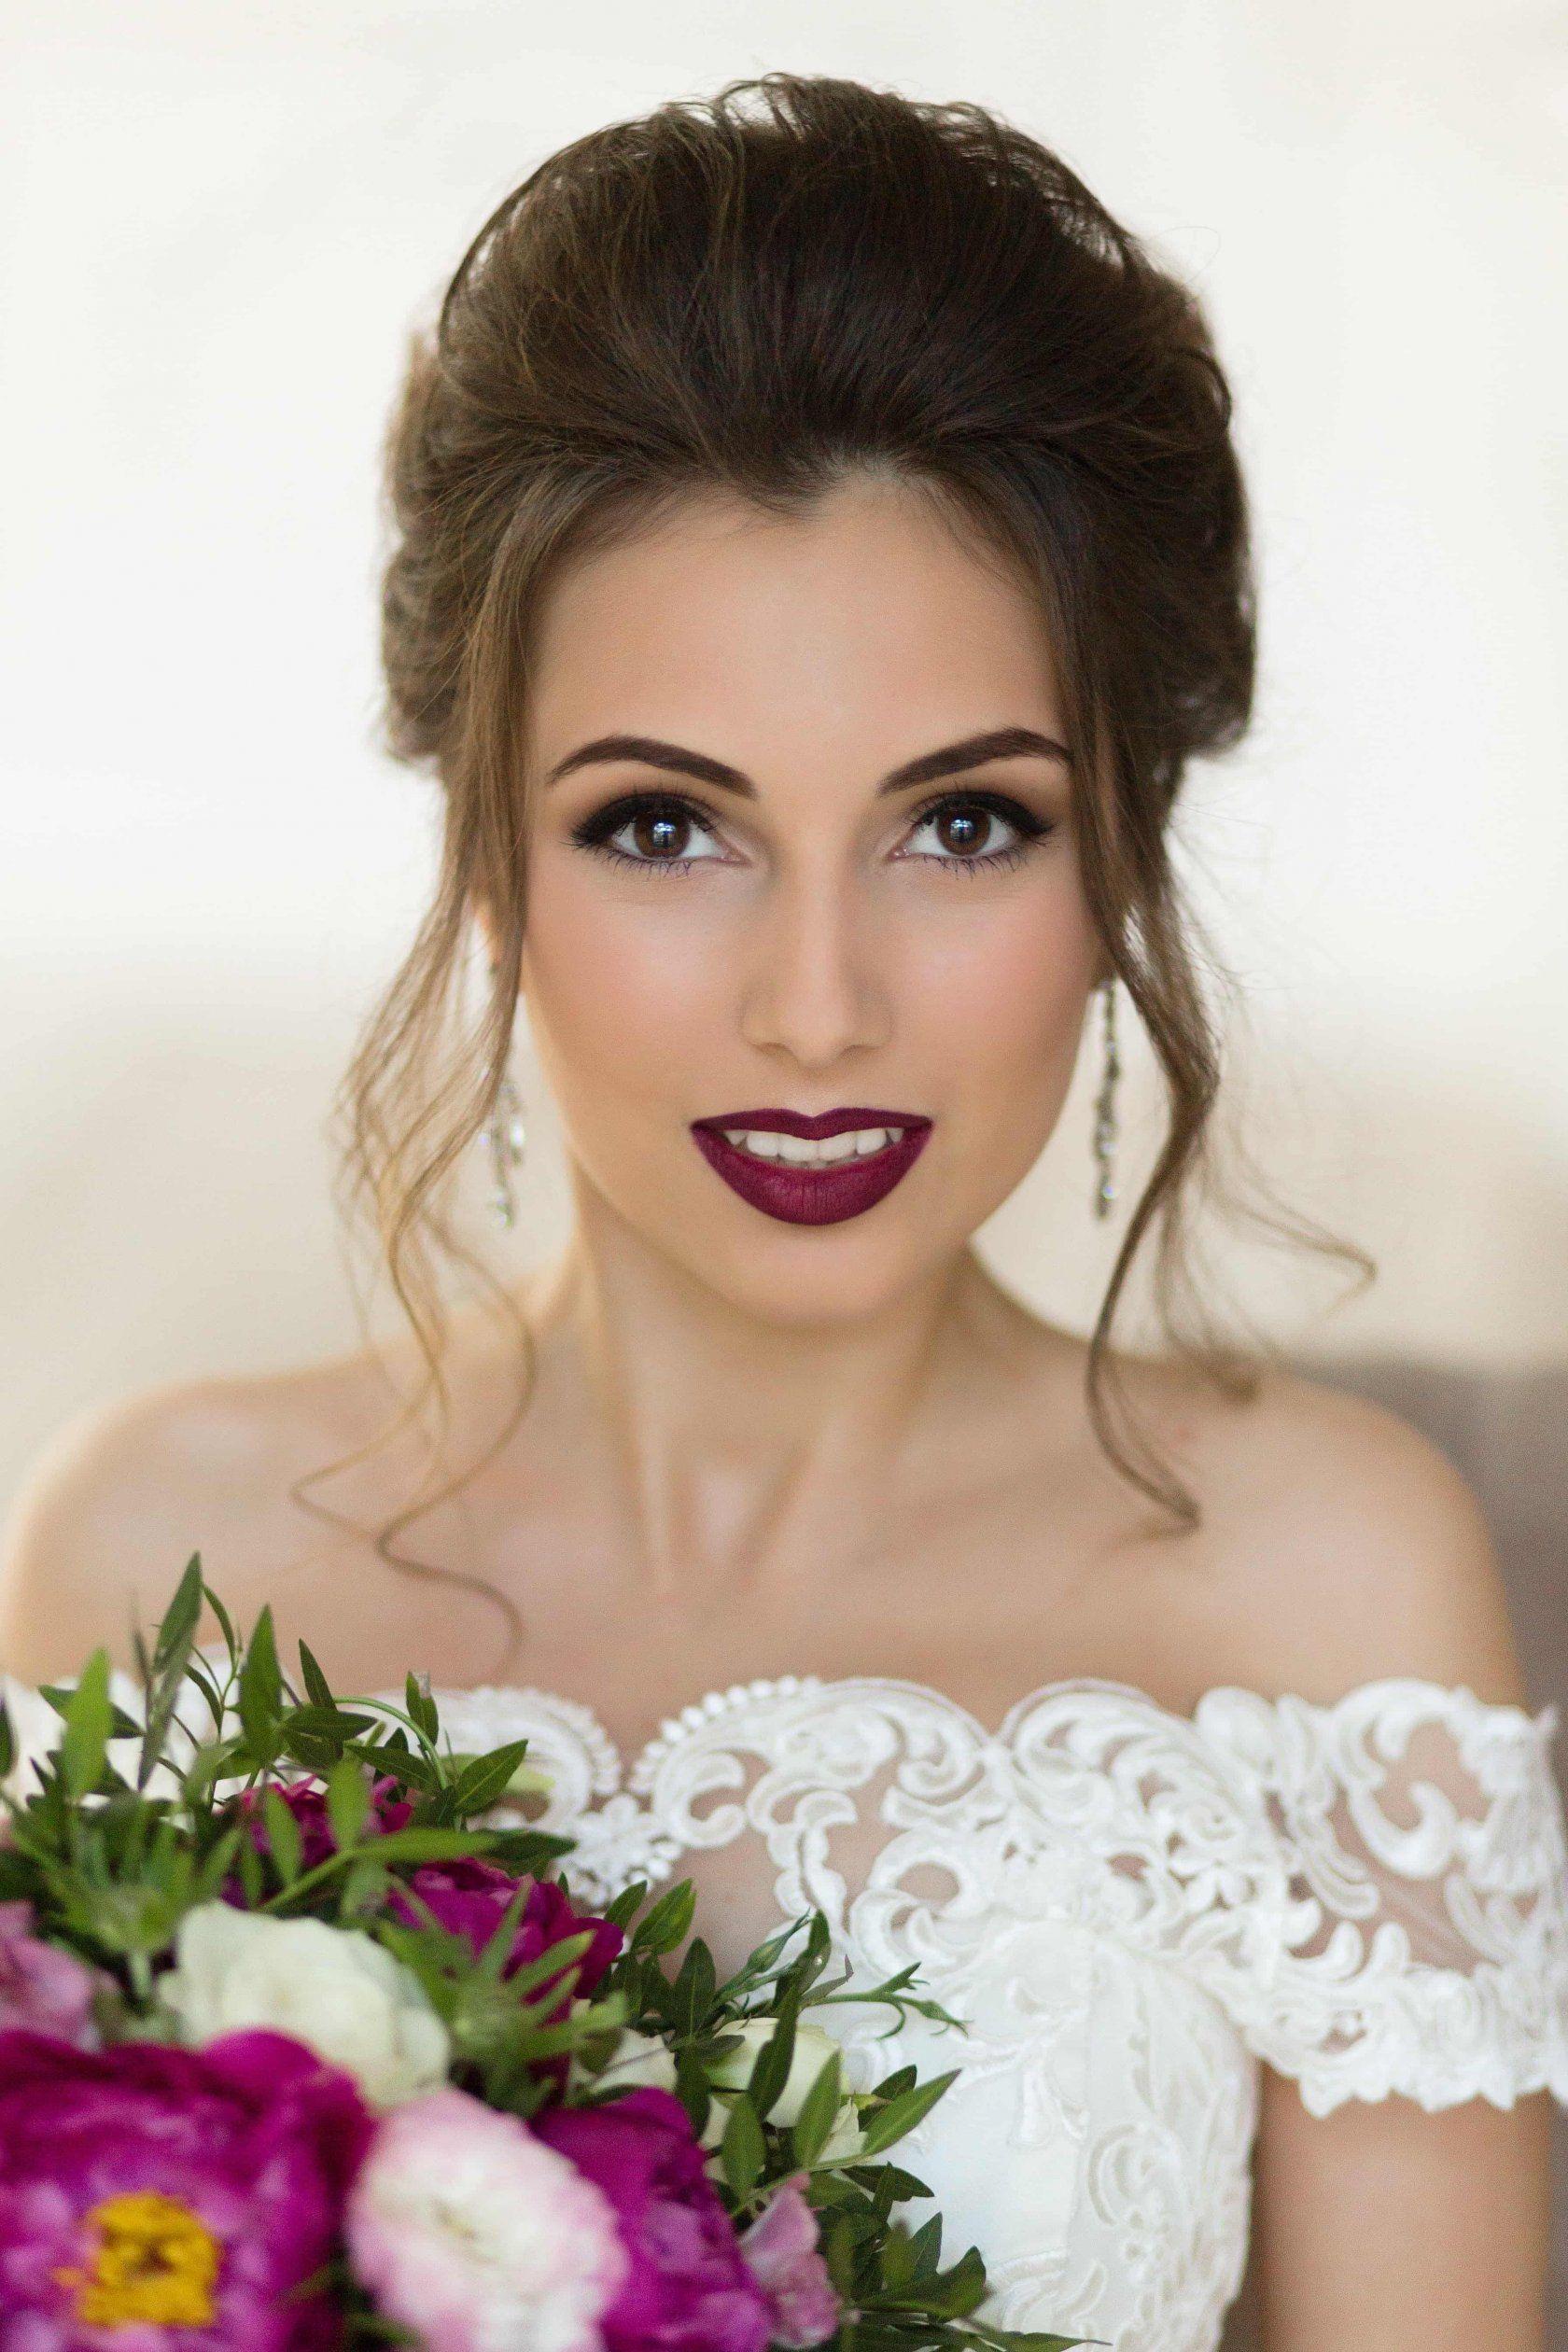 Макияж на свадьбу [2018] — Пошаговый make-up | Свадебные ...